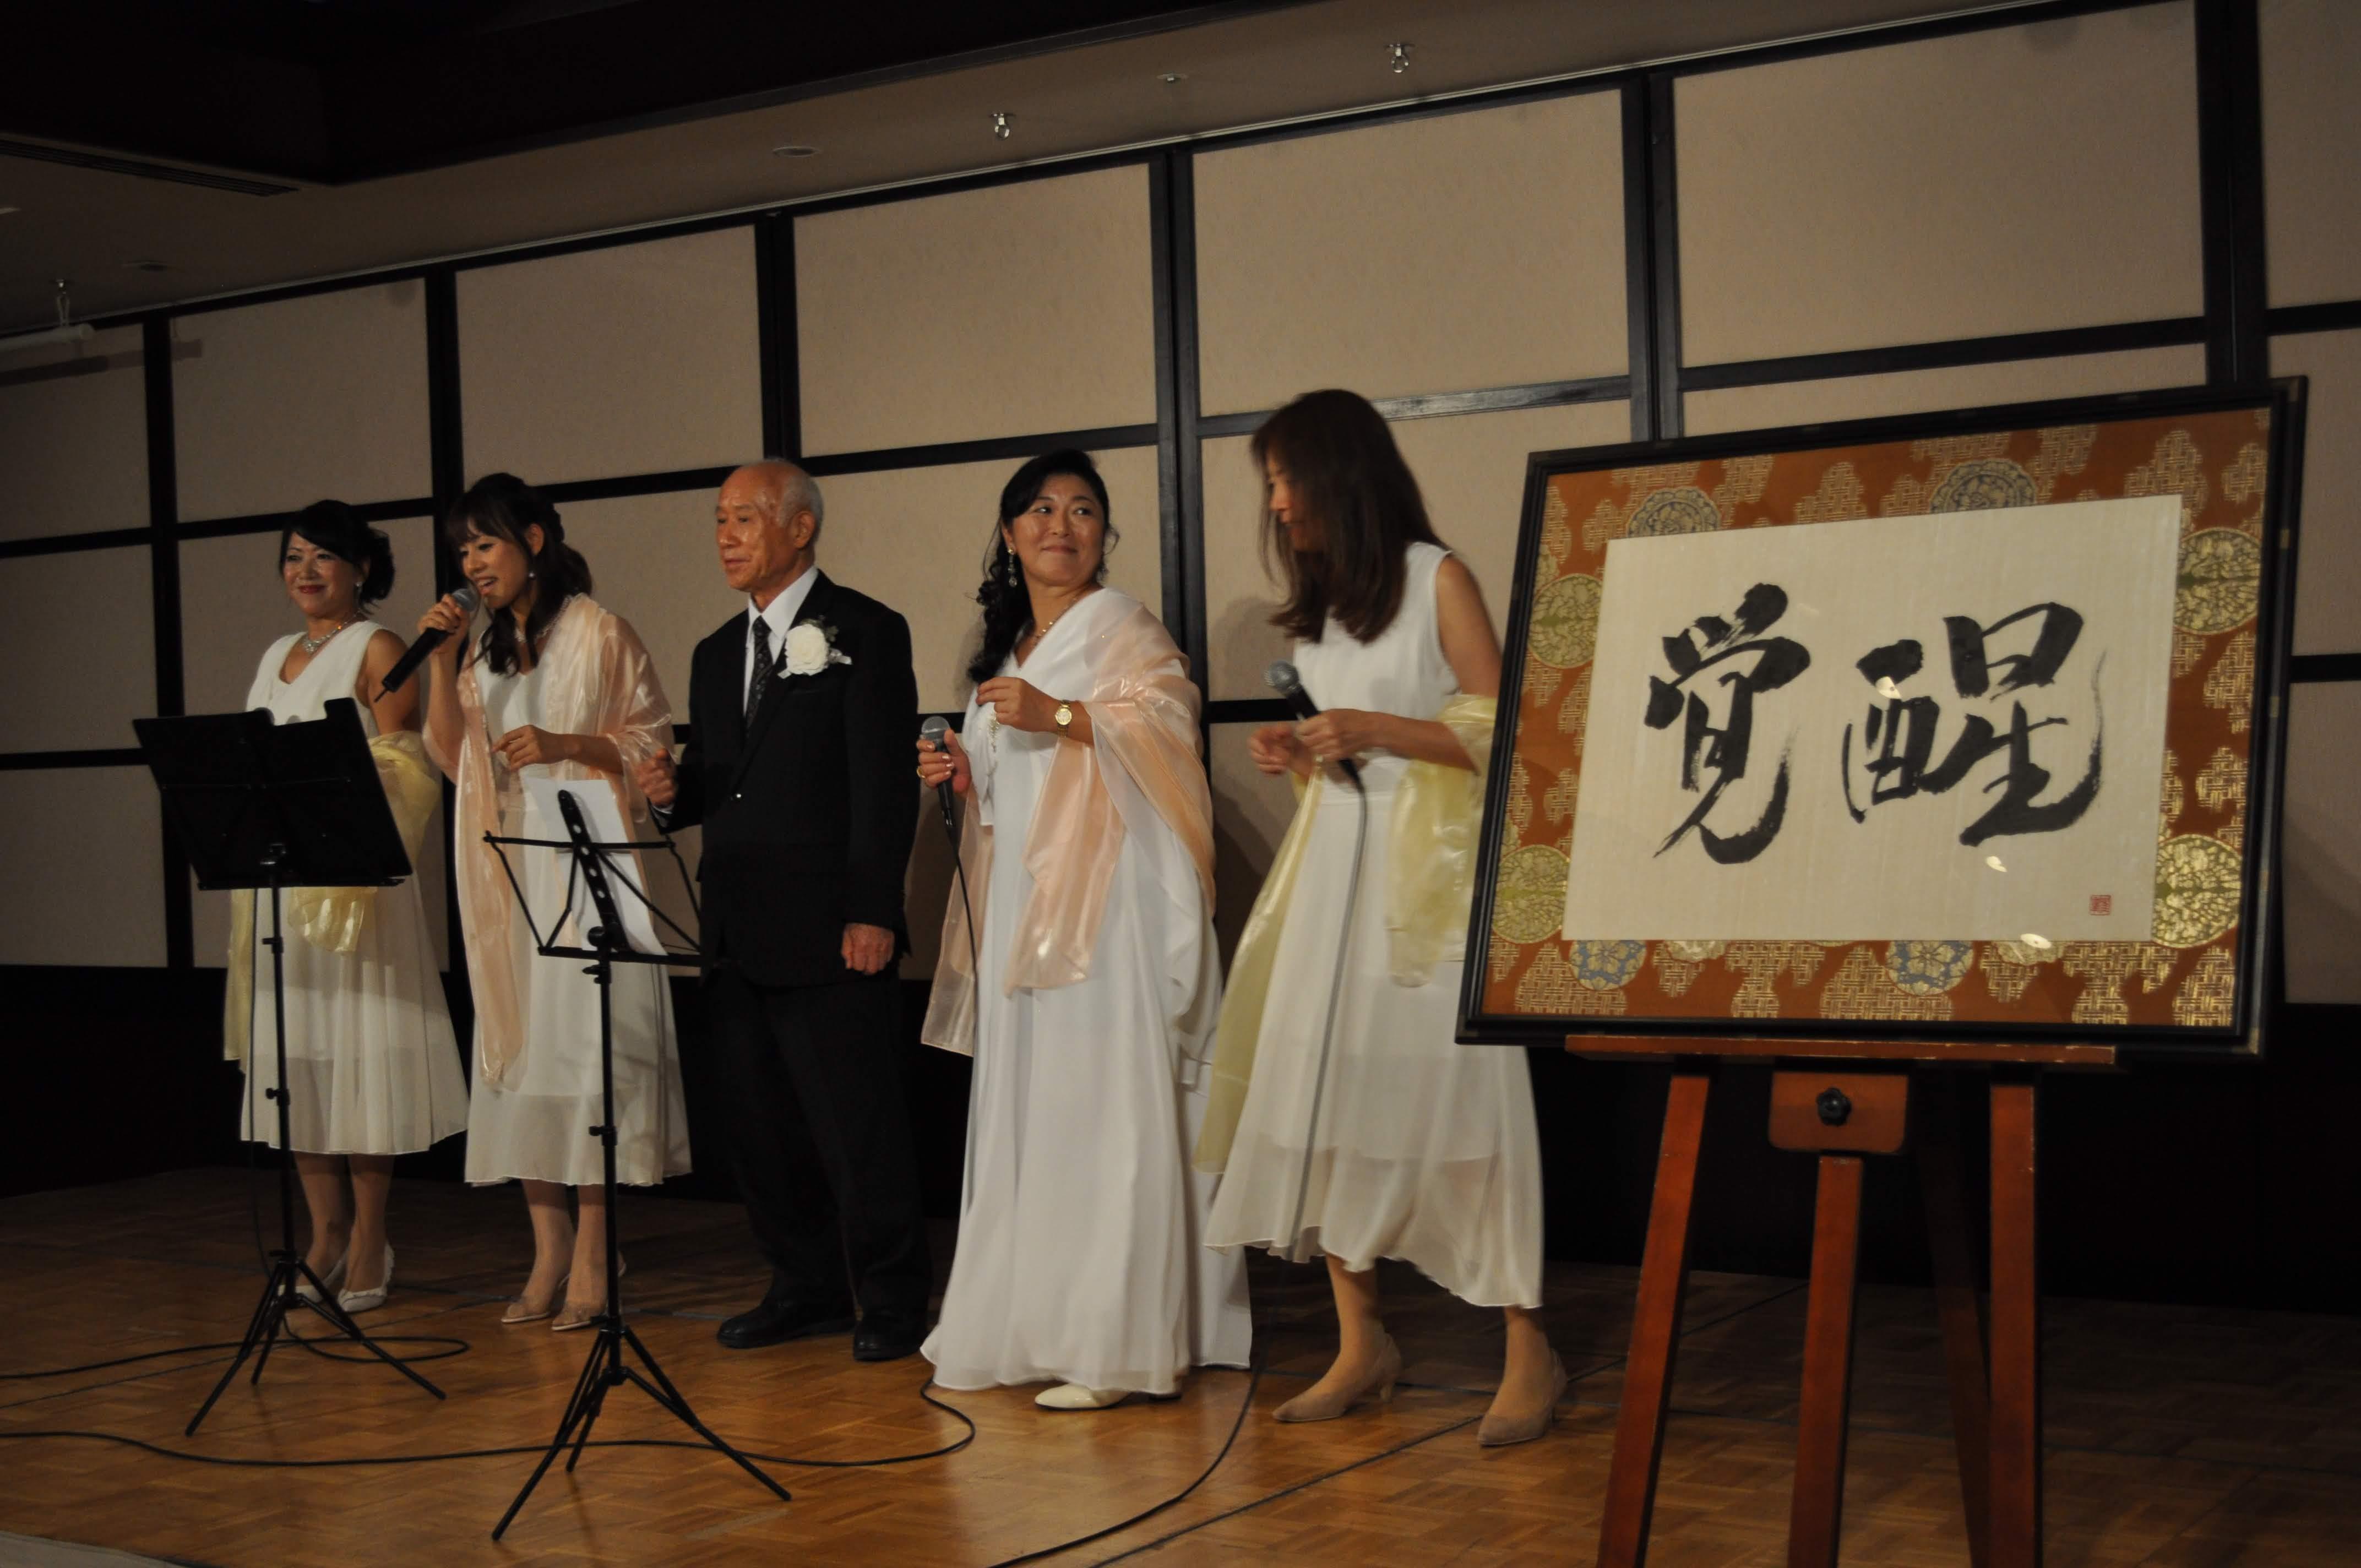 DSC 0523 1 - 思風会全国大会in広島